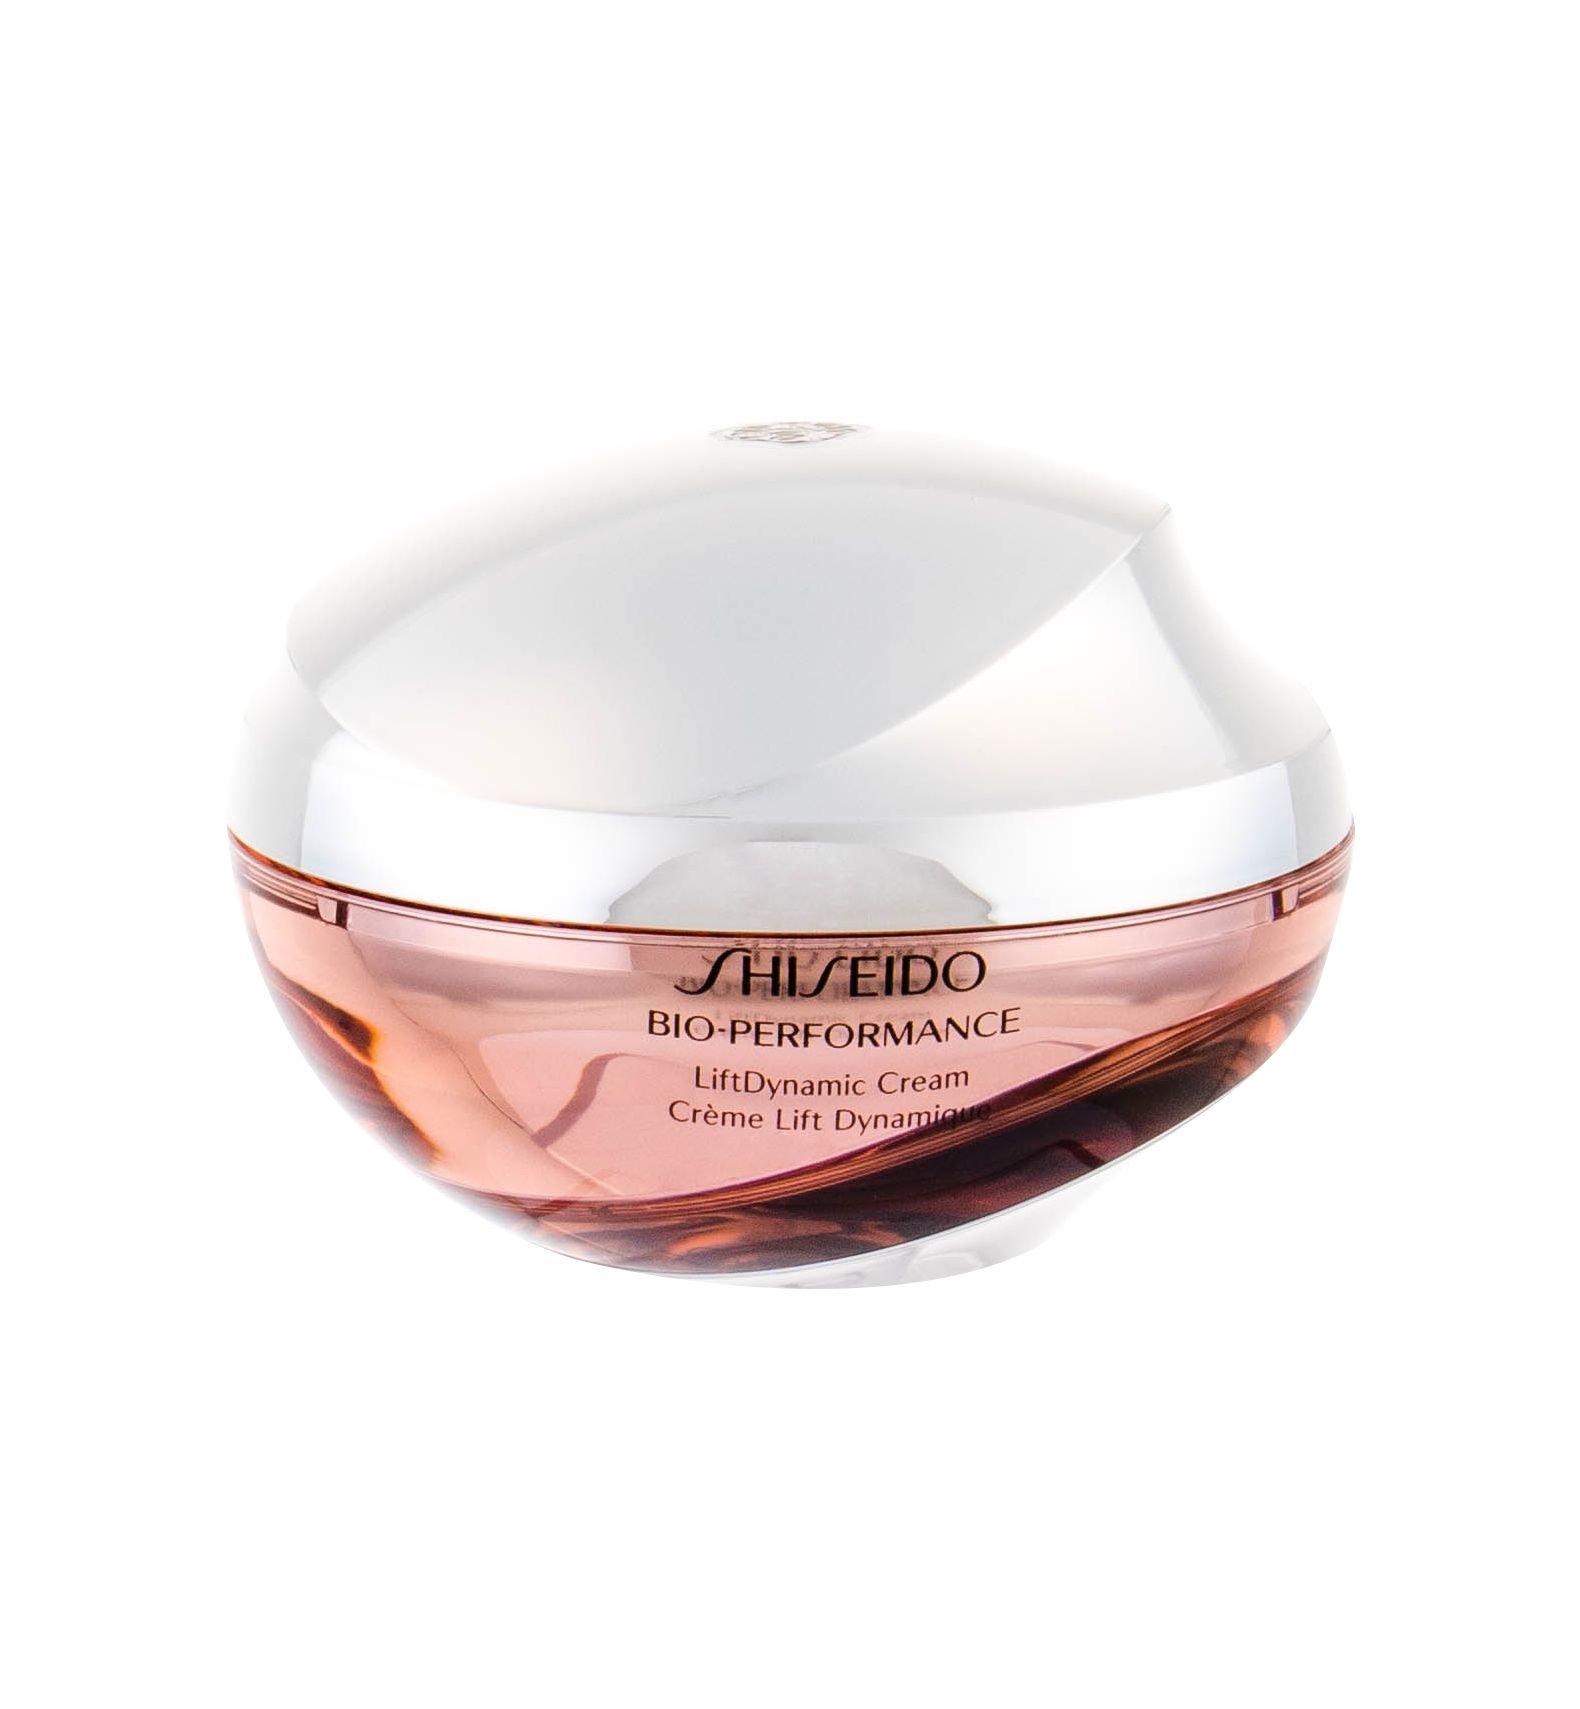 Shiseido Bio-Performance Day Cream 75ml